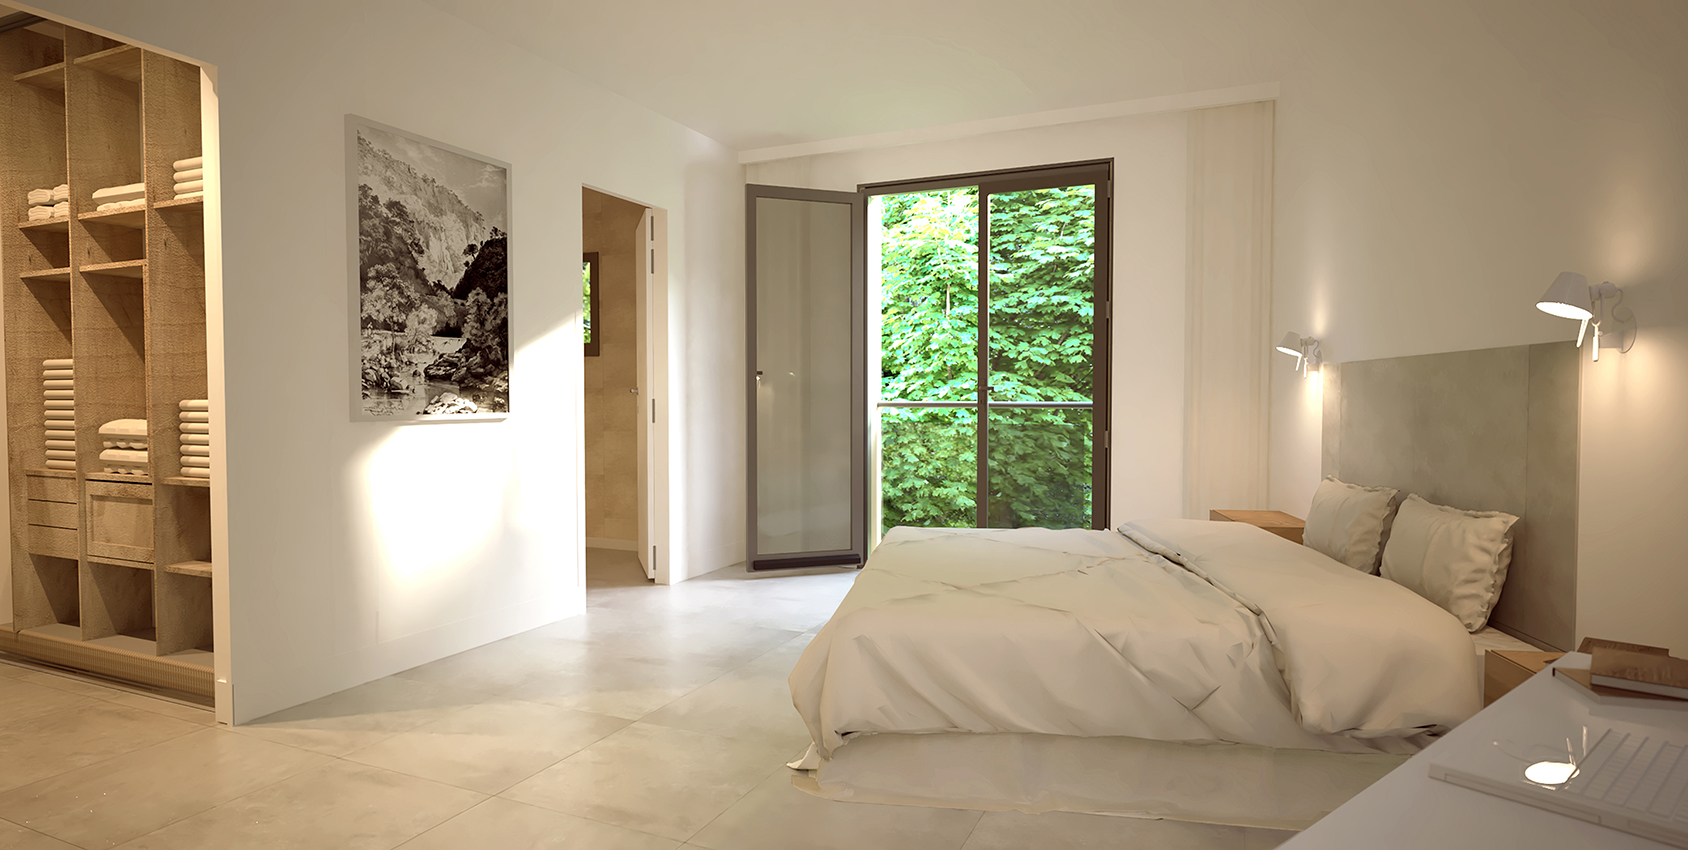 Maison-de-ville-2_photo-09_Hameau-de-Dome_achat-maison-de-ville_Montpellier-Hérault-Sud-de-la-France